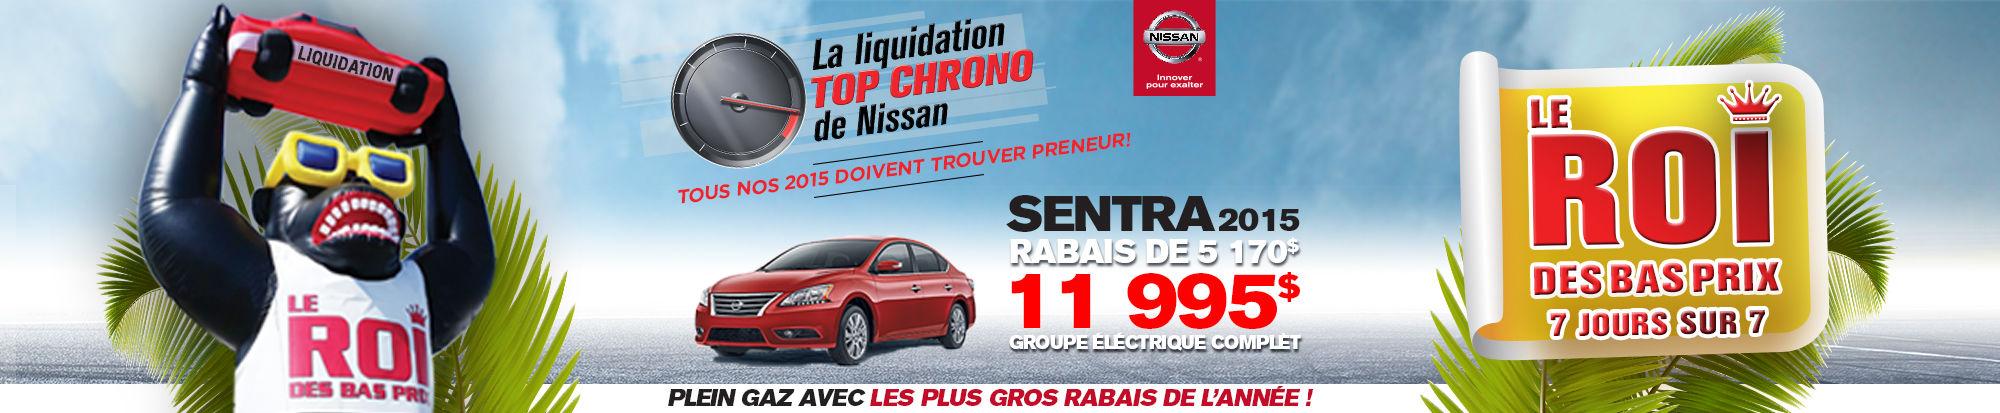 Cette semaine c'est la Liquidation TOP CHRONO chez NISSAN DE SHERBROOKE!